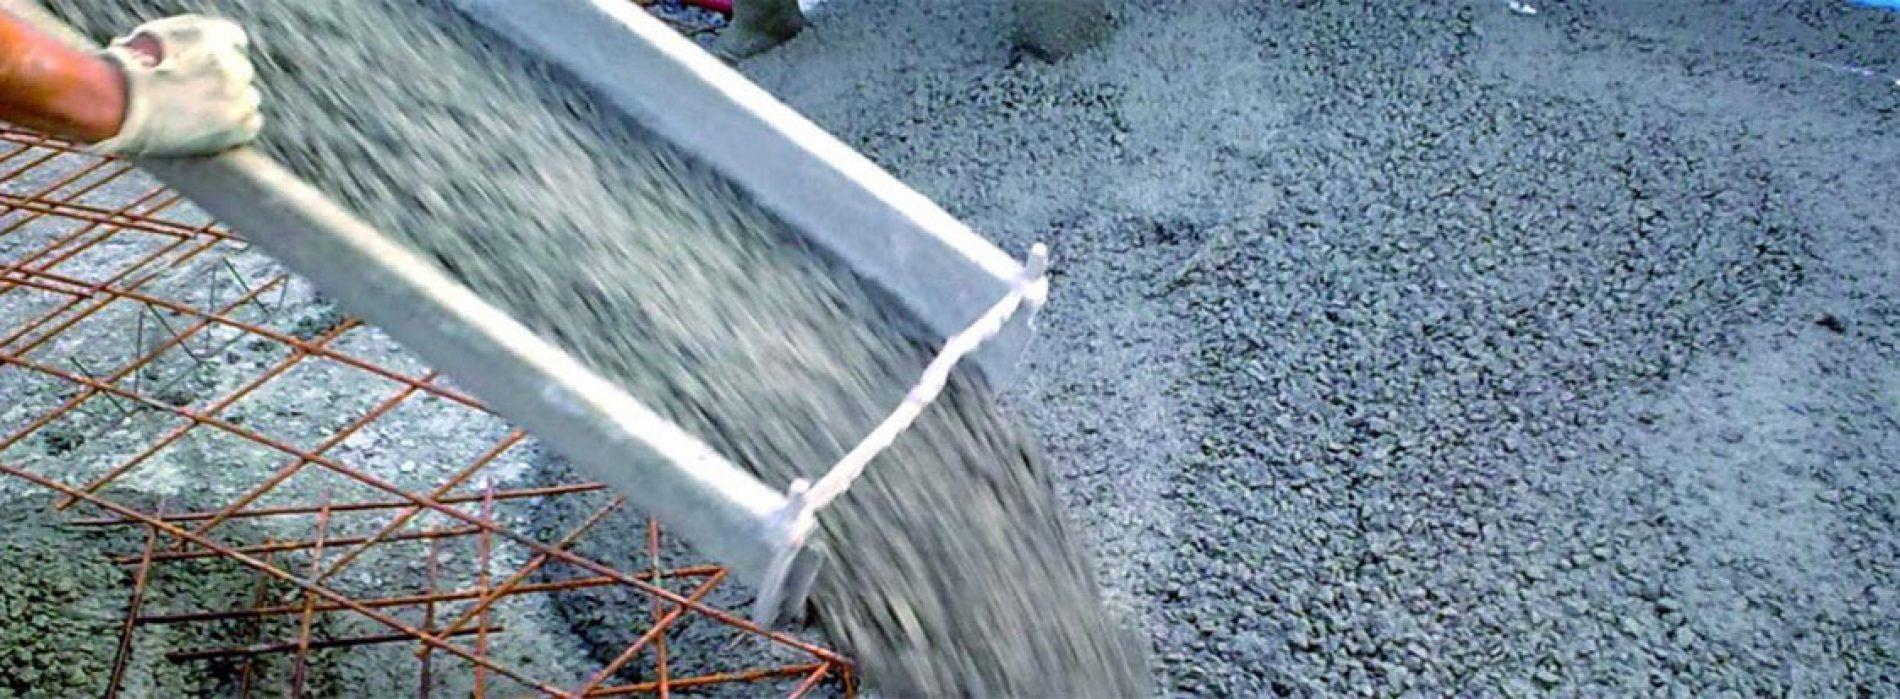 Nuovo contratto ANCE per fornitura di calcestruzzo preconfezionato